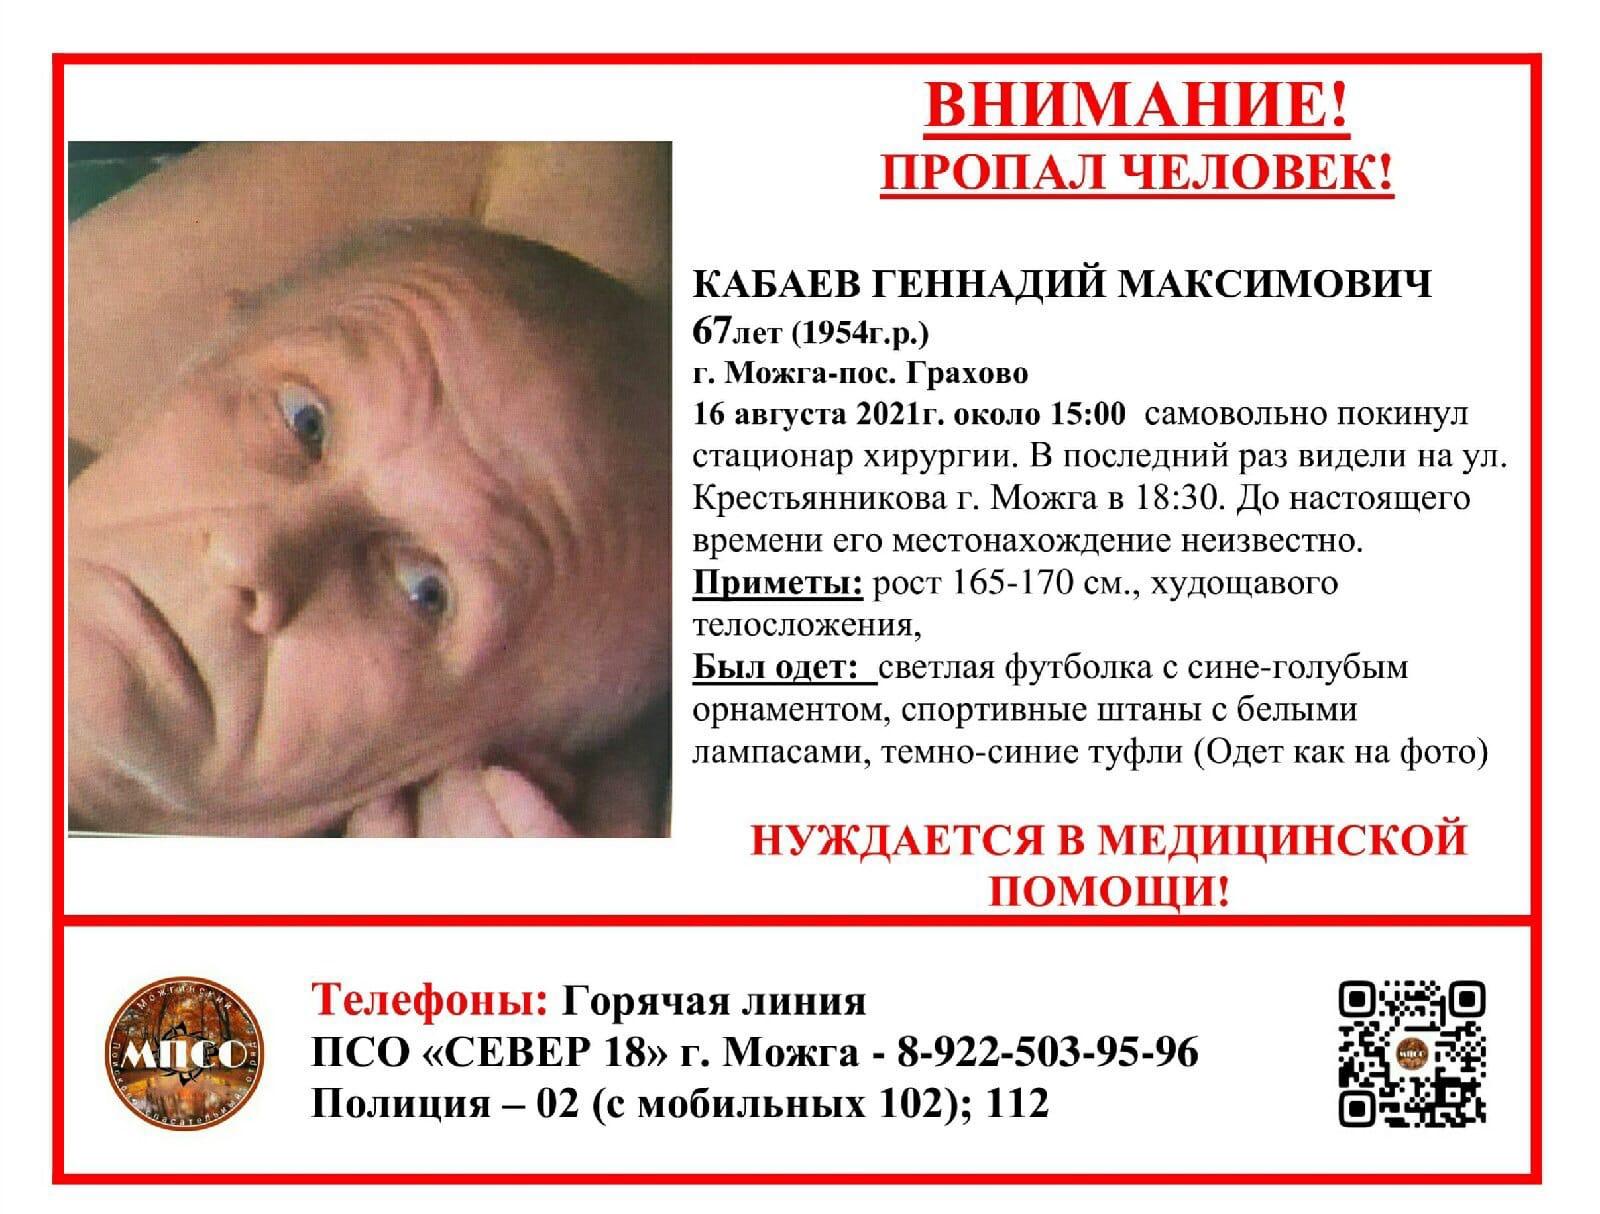 Внимание, пропал человек!Кабаев Геннадий Максимович (1954г.р.) вчера,